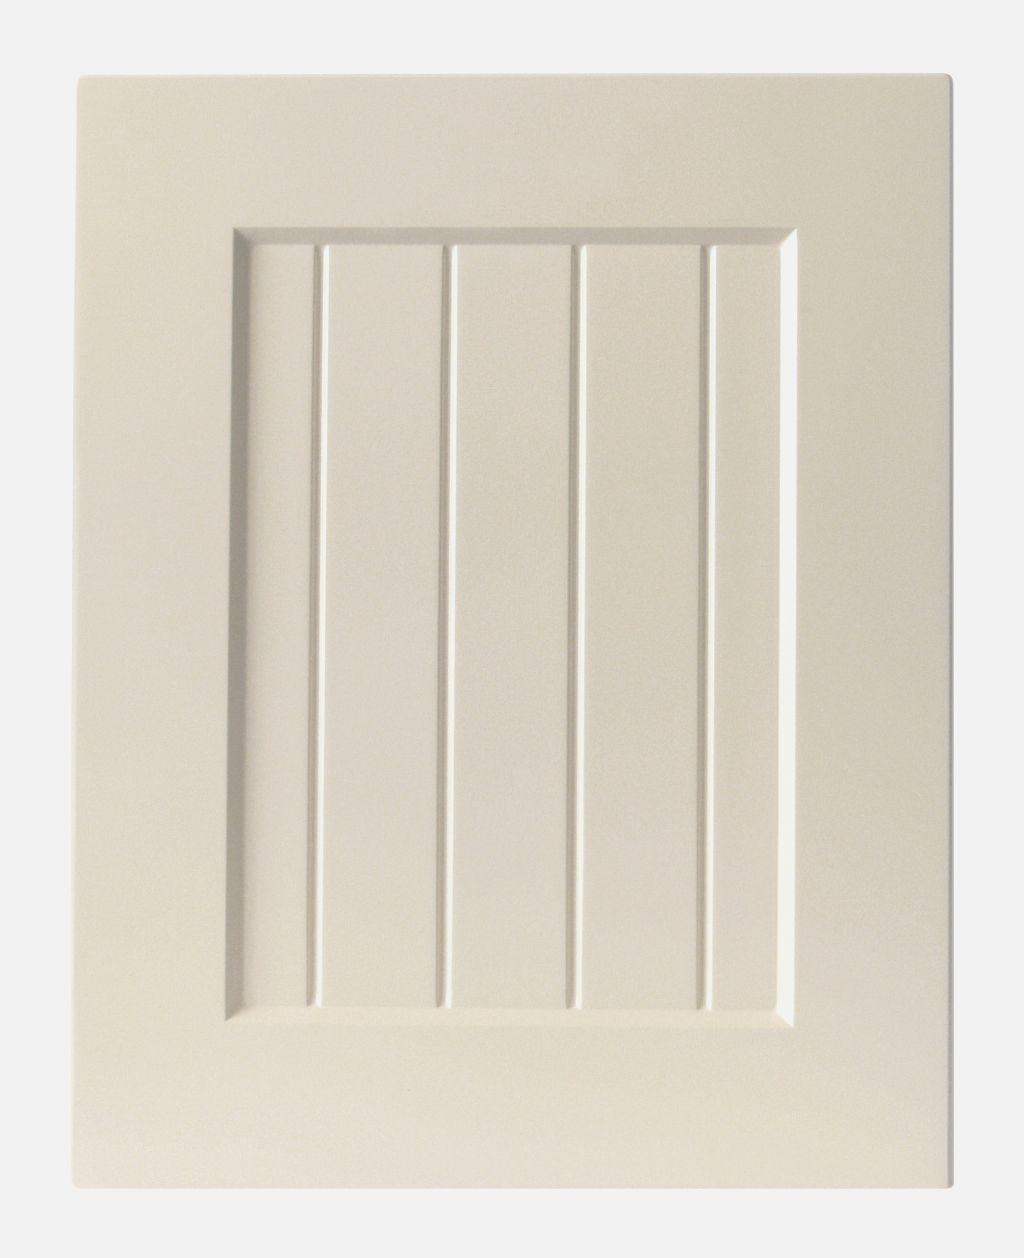 Pvc Kitchen Cupboard Doors Modern Home Design Cabinet Doors Kitchen Cabinet Doors Kitchen Cupboard Doors